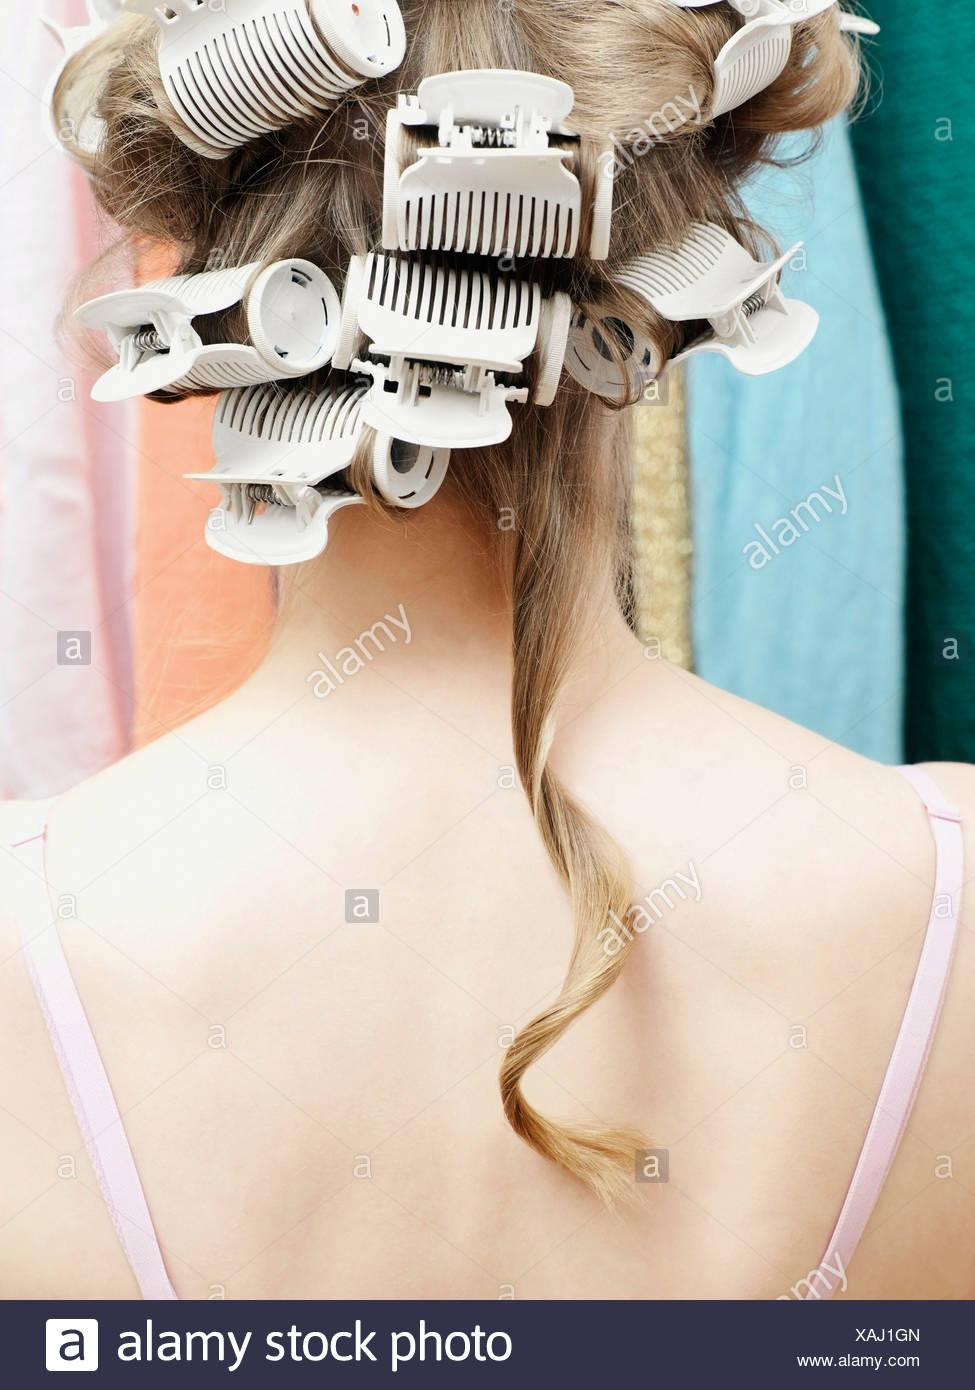 Femme portant des bigoudis avec une seule mèche de cheveux pendant vers le bas Photo Stock